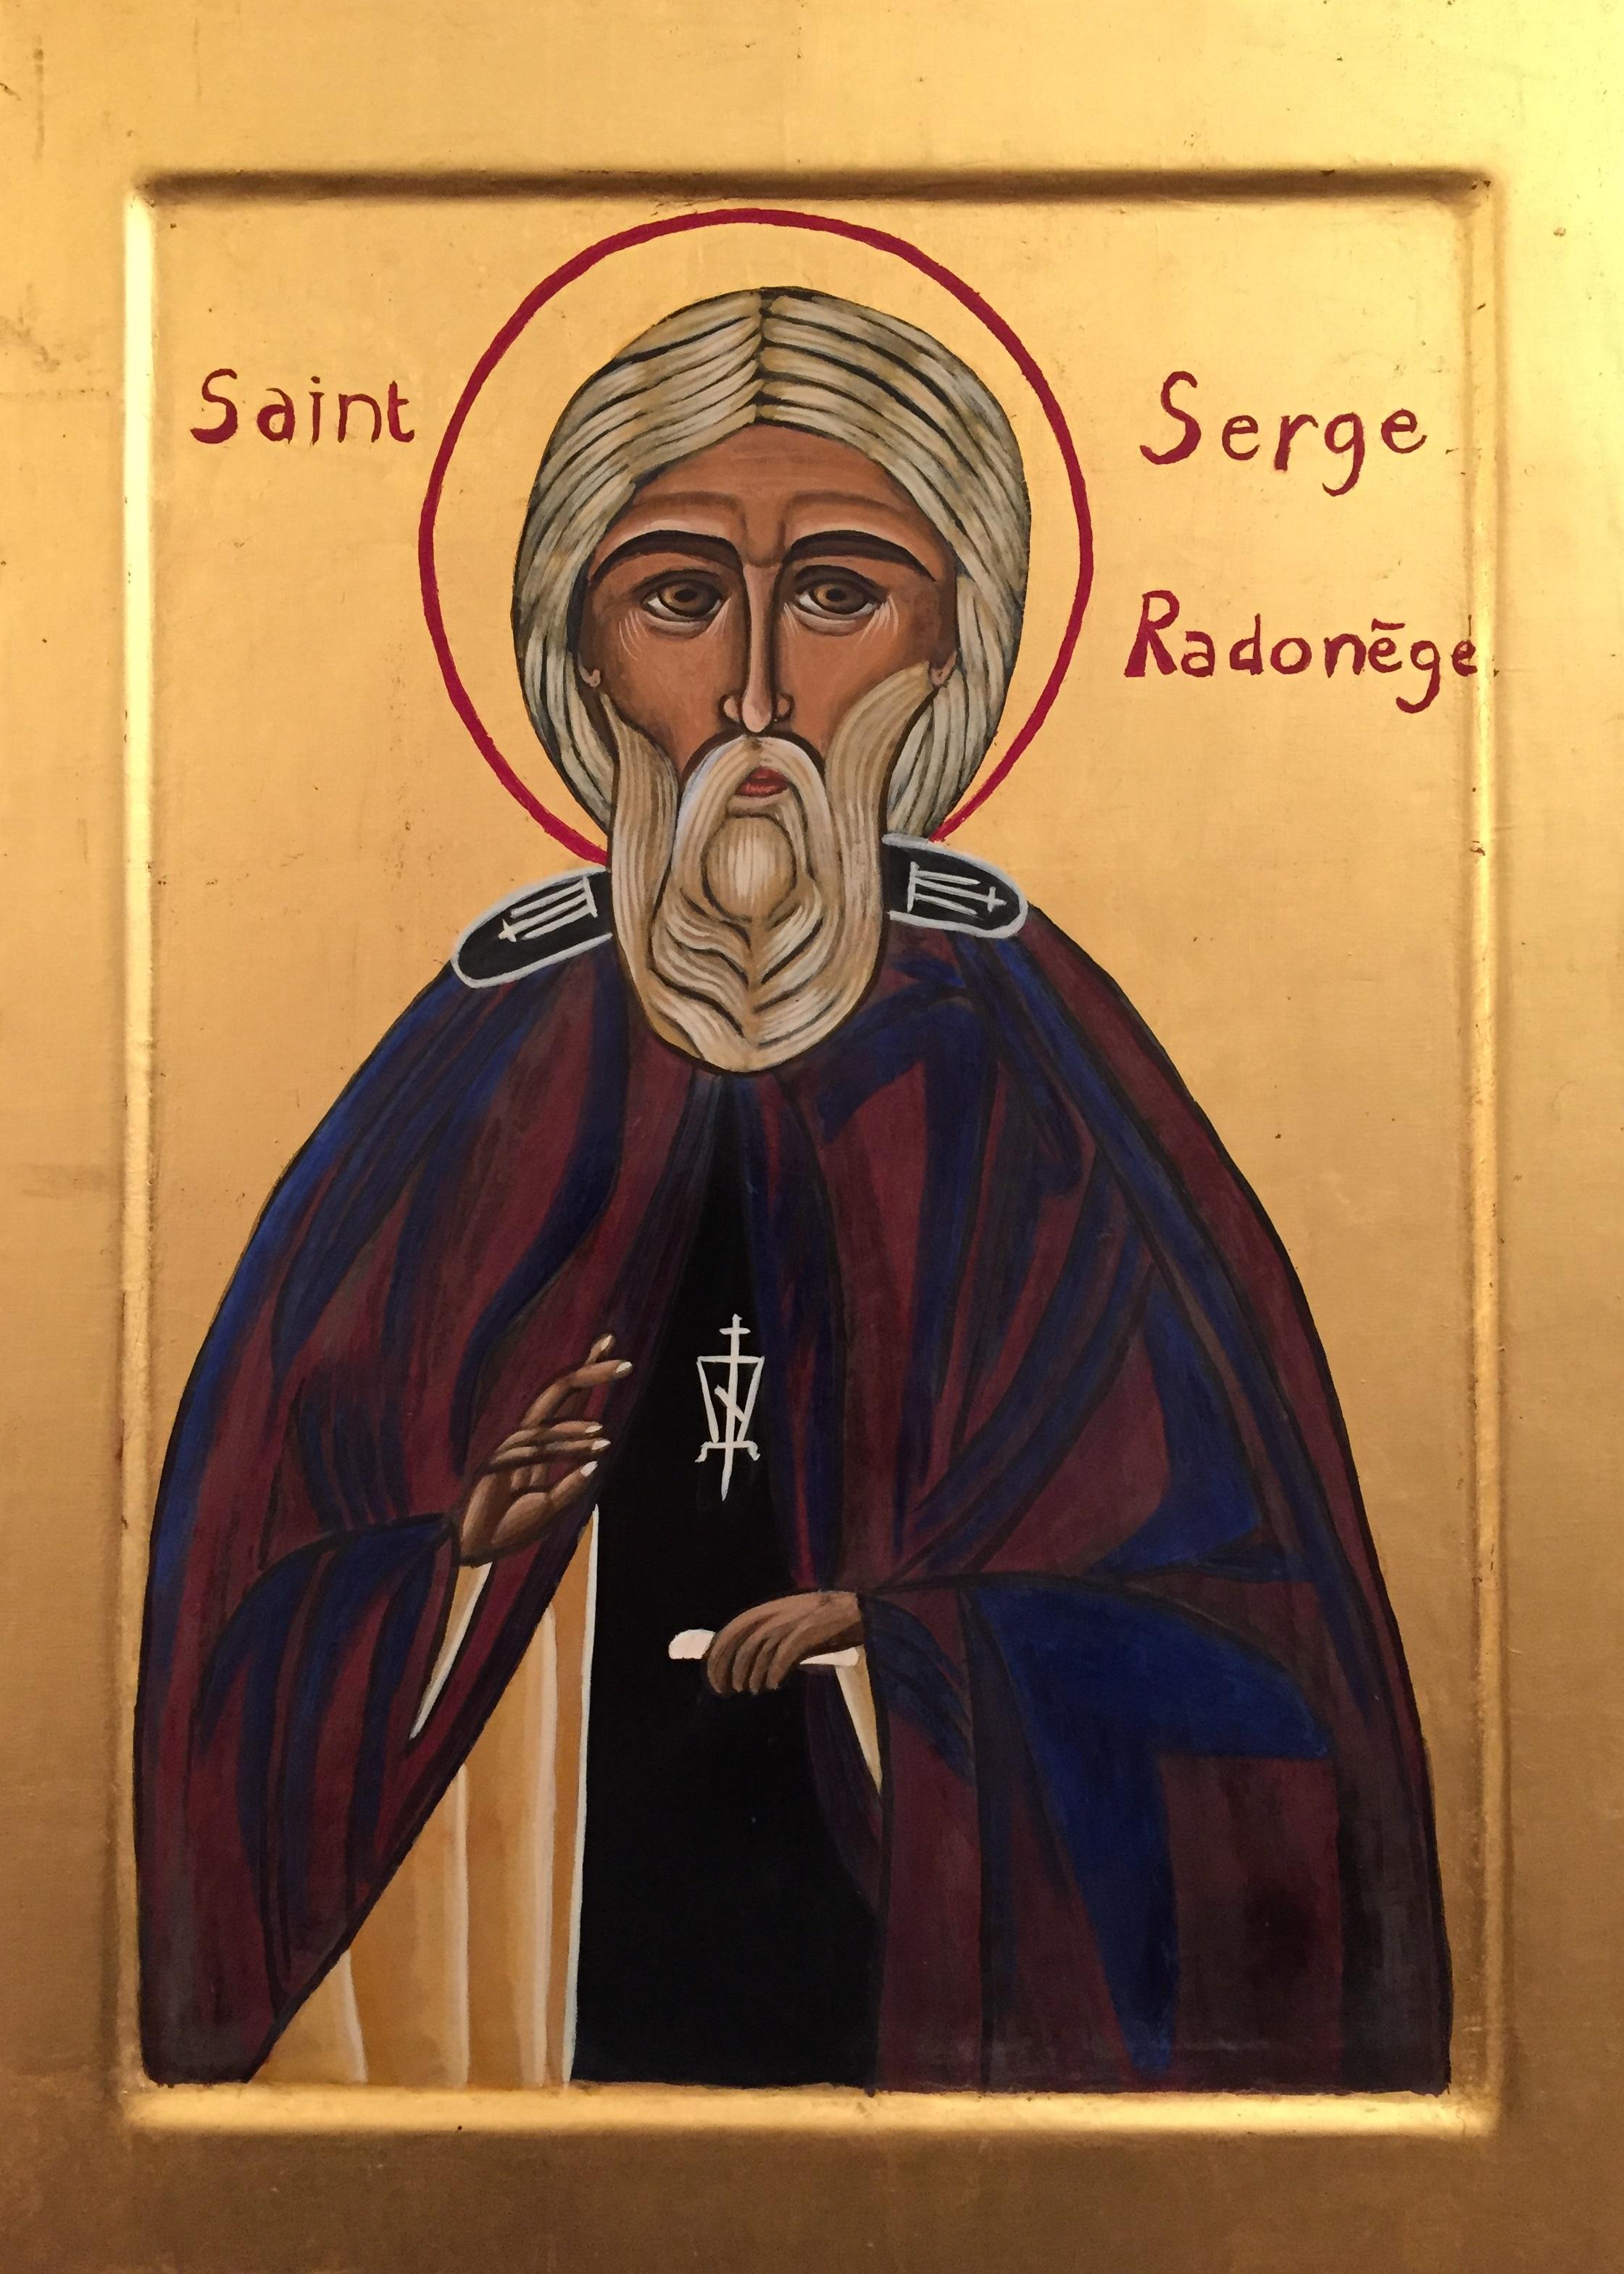 Saint Serge